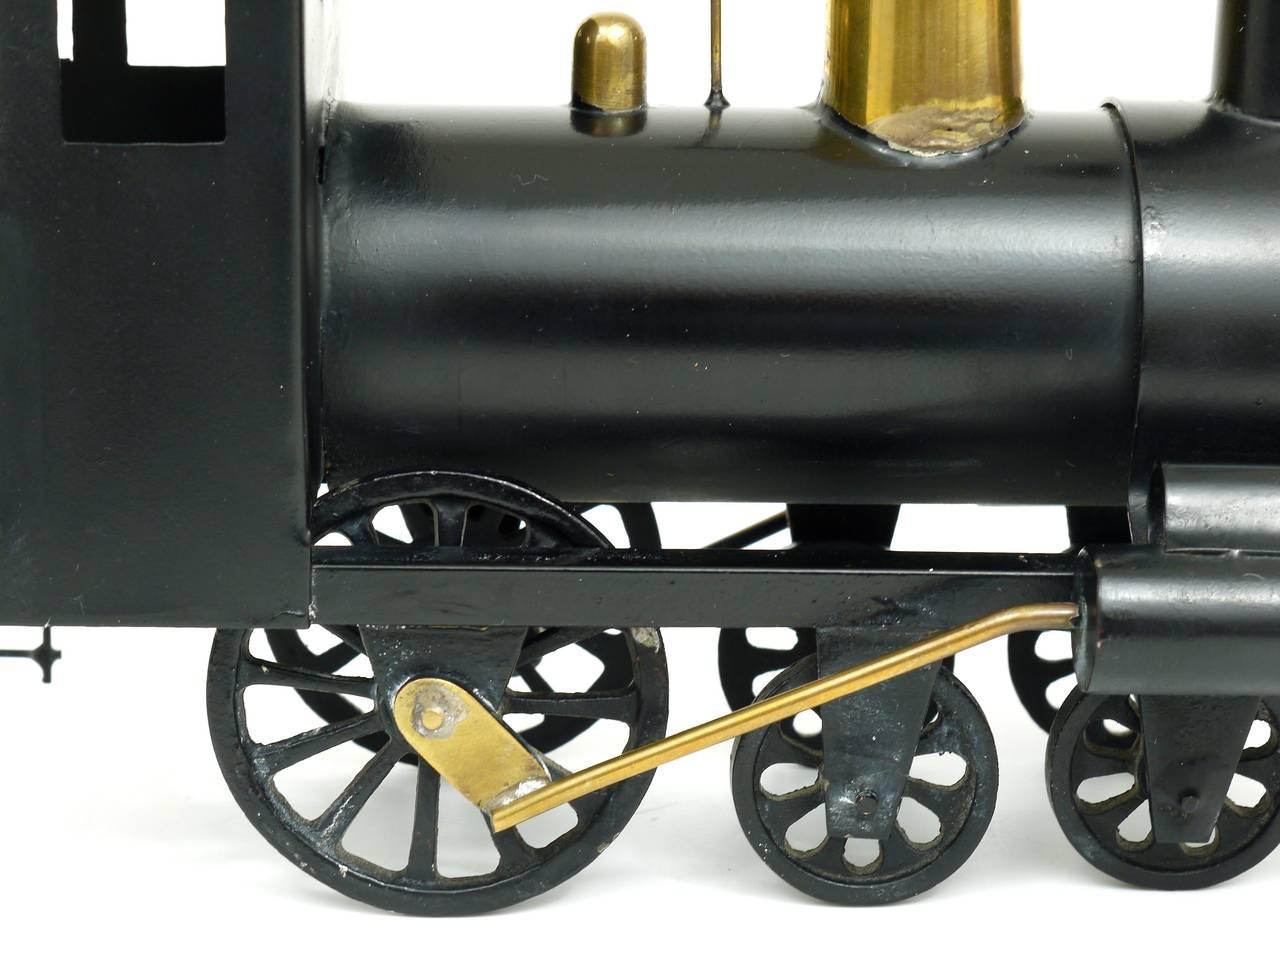 Rare WHW Hagenauer Brass Locomotive Steam Engine, Austria, 1920s For Sale 4